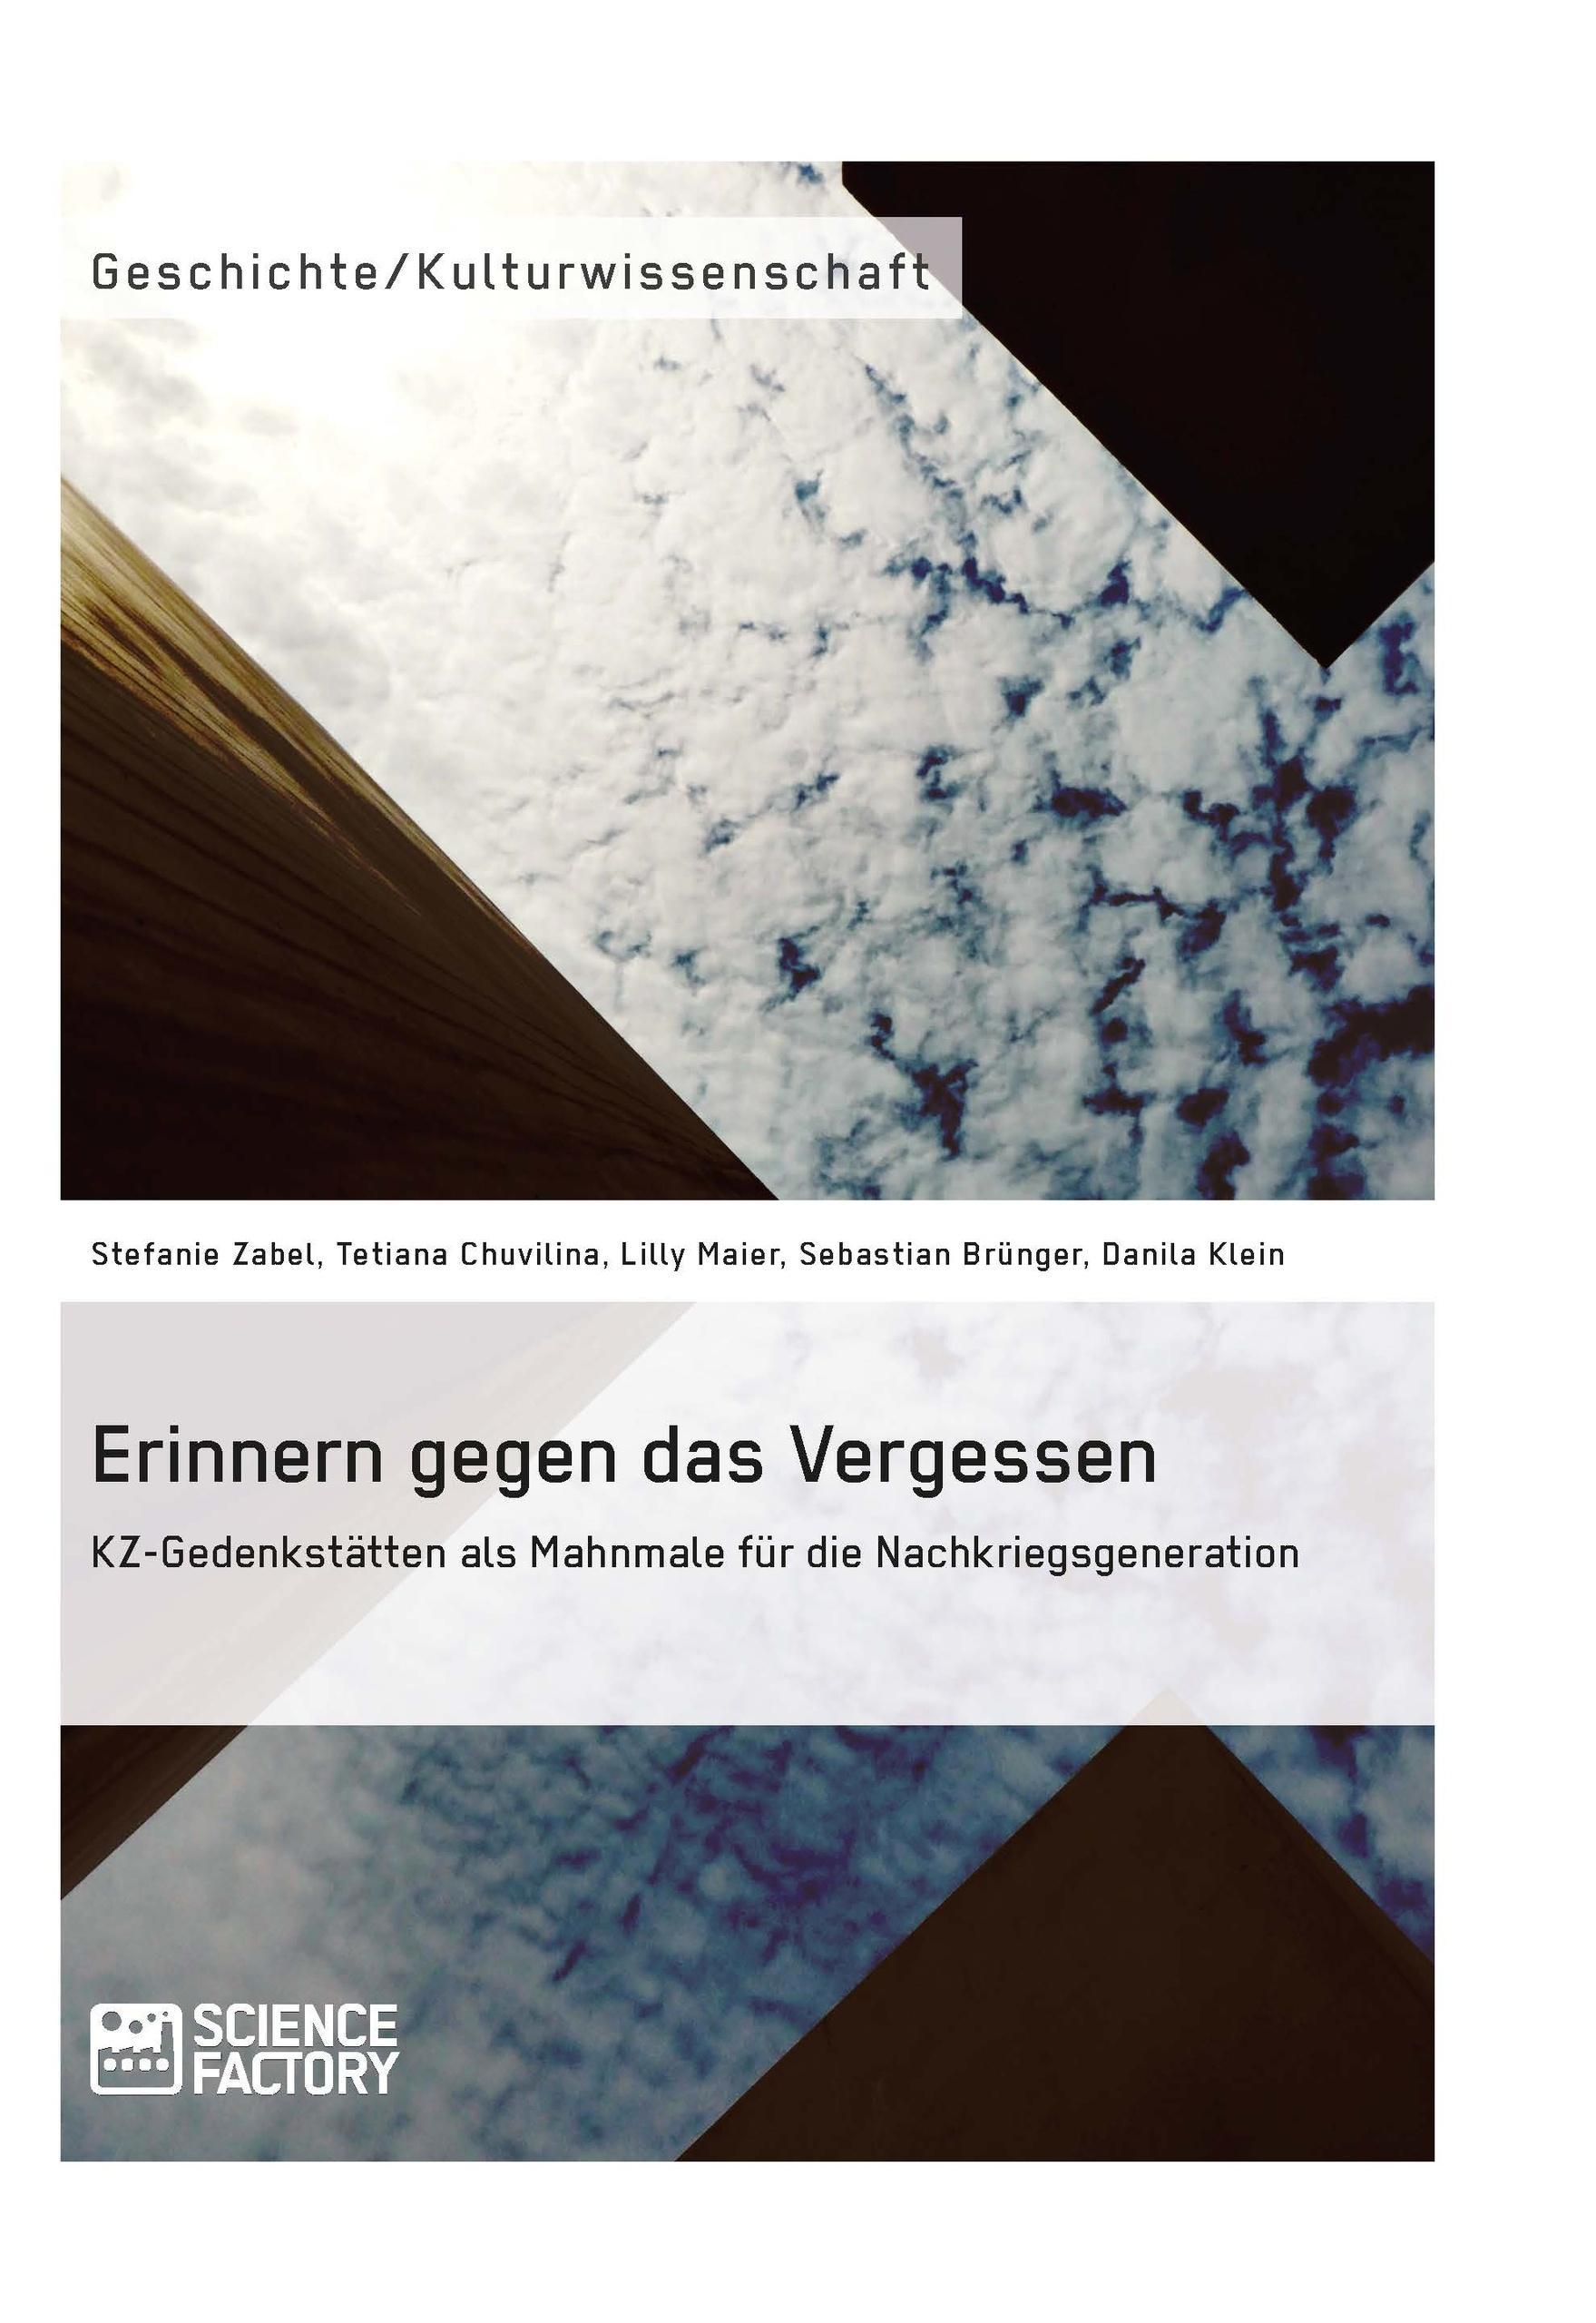 Titel: Erinnern gegen das Vergessen. KZ-Gedenkstätten als Mahnmale für die Nachkriegsgeneration